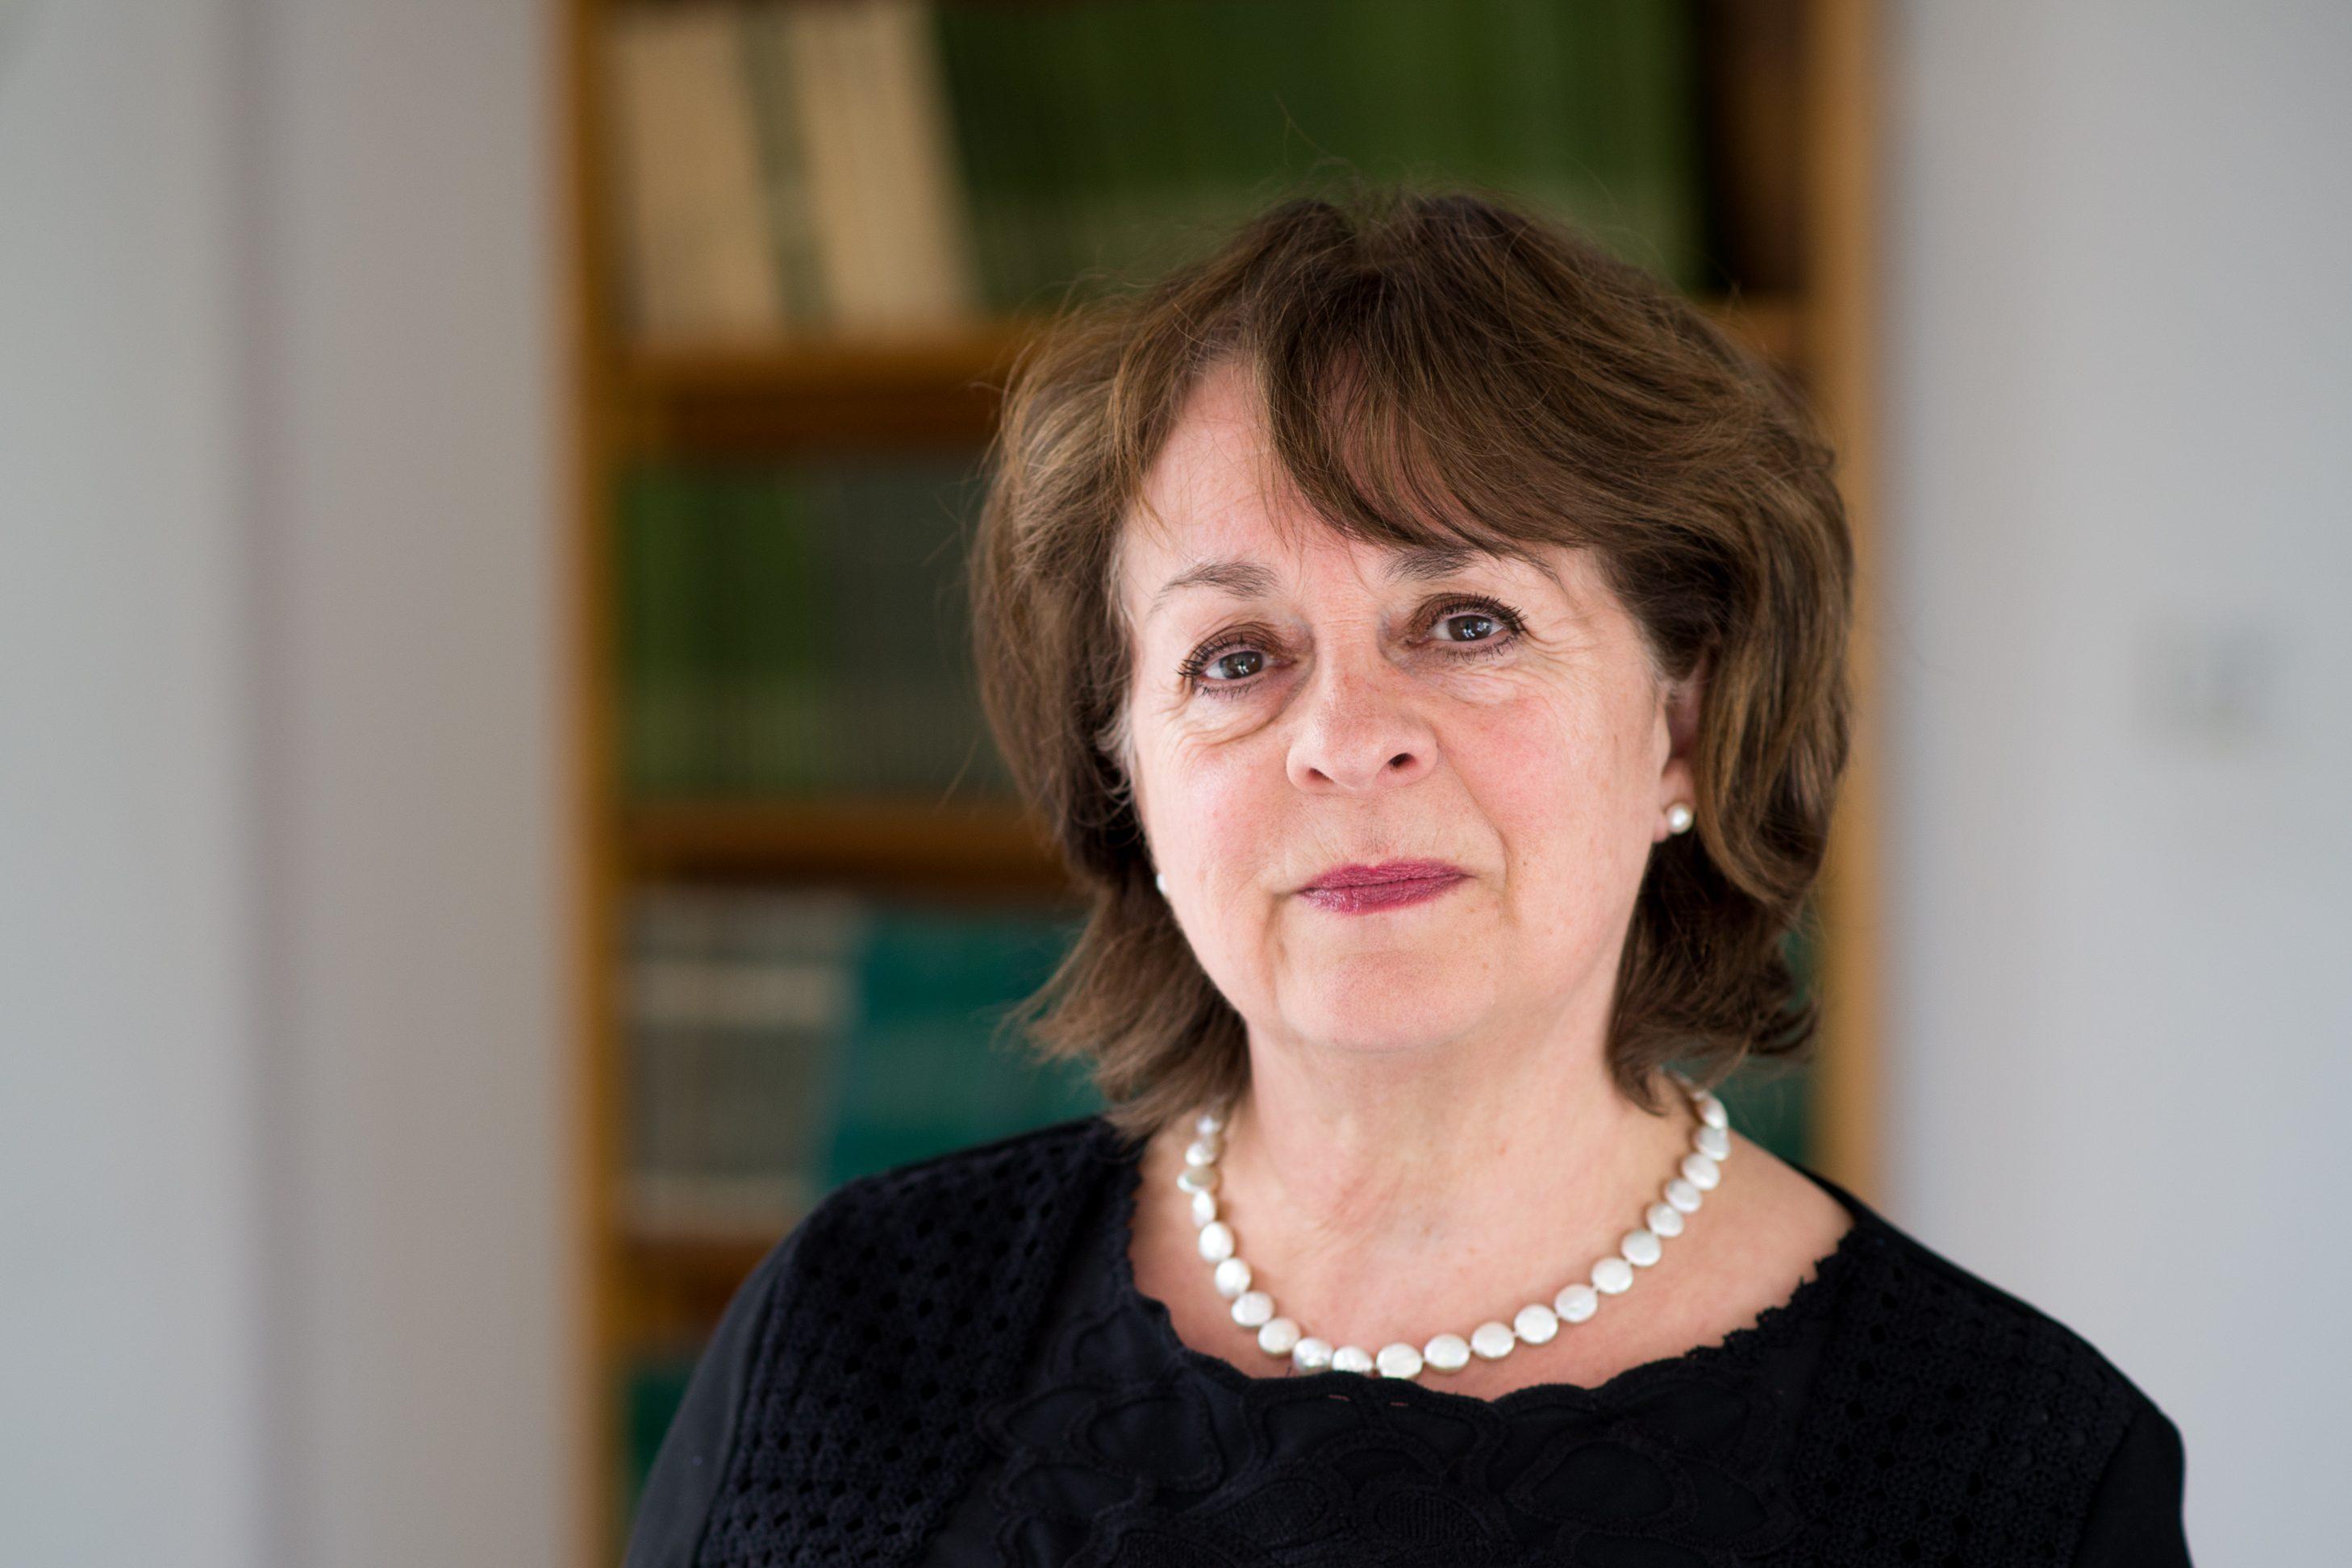 Frances Crook OBE